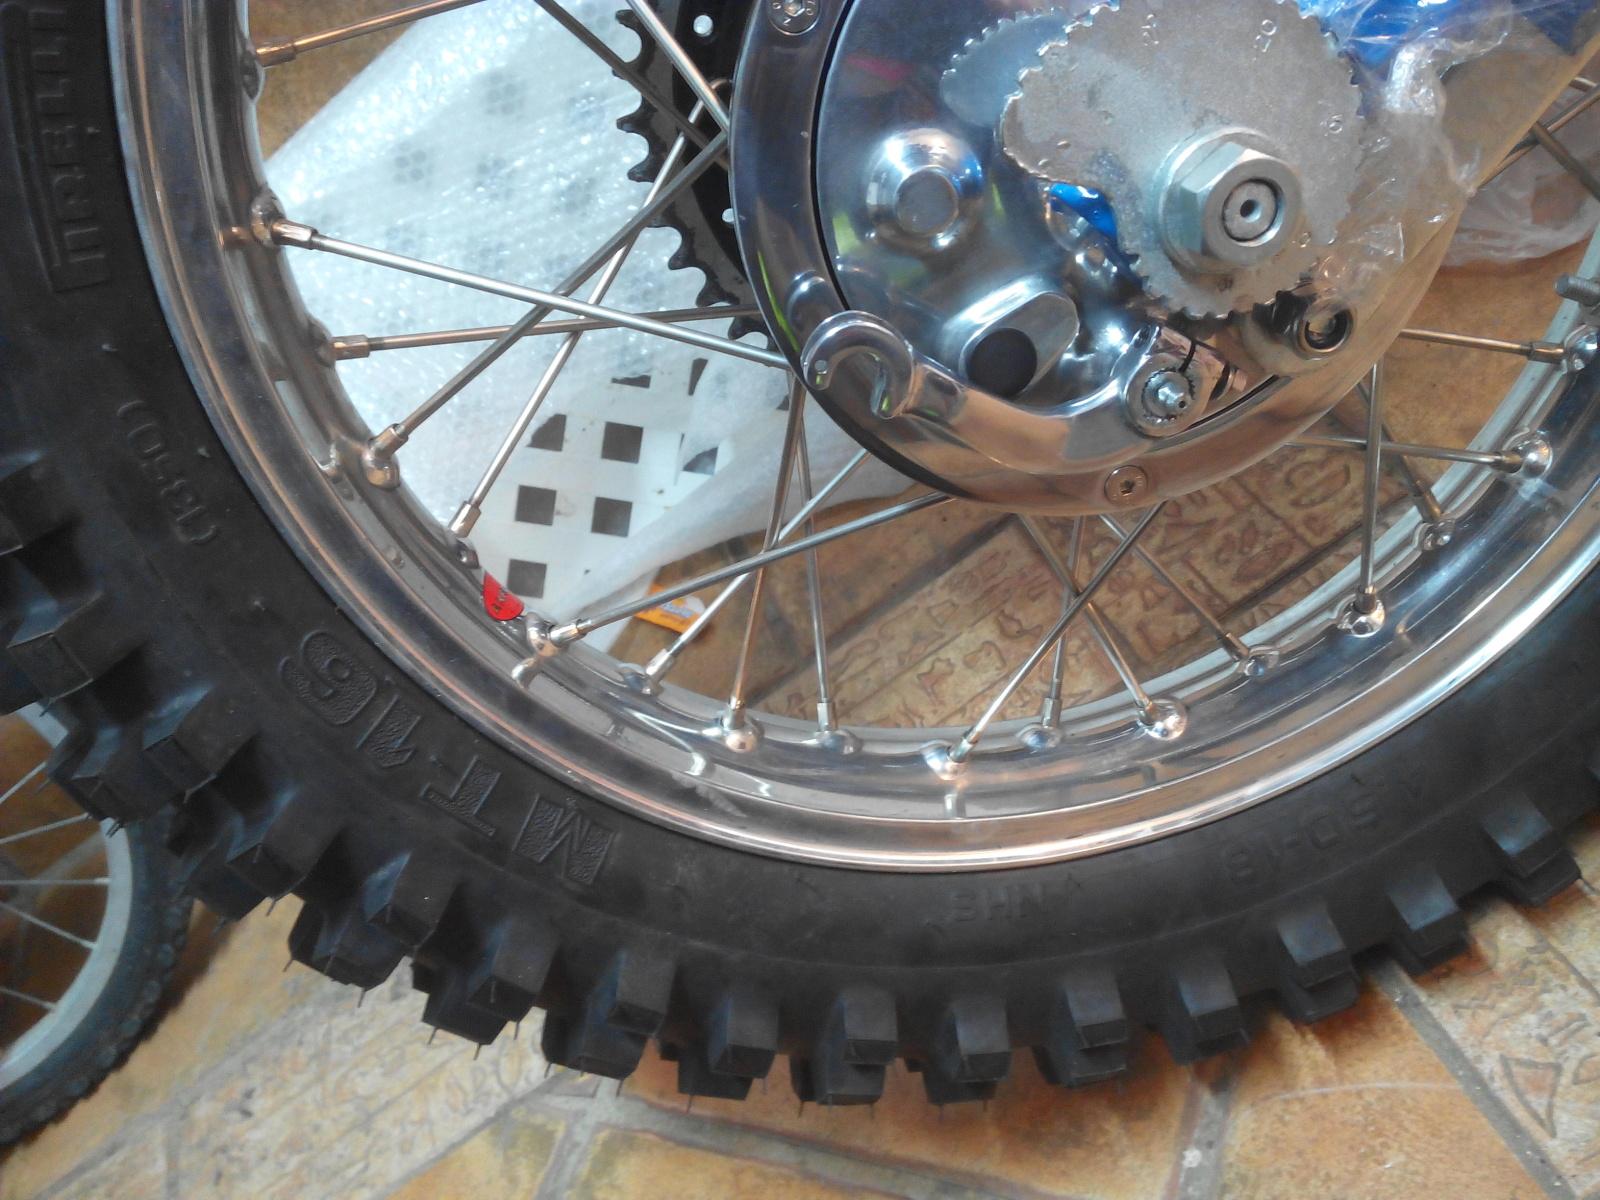 Bultaco MK11 370 - Motor - Página 3 2mmftk0